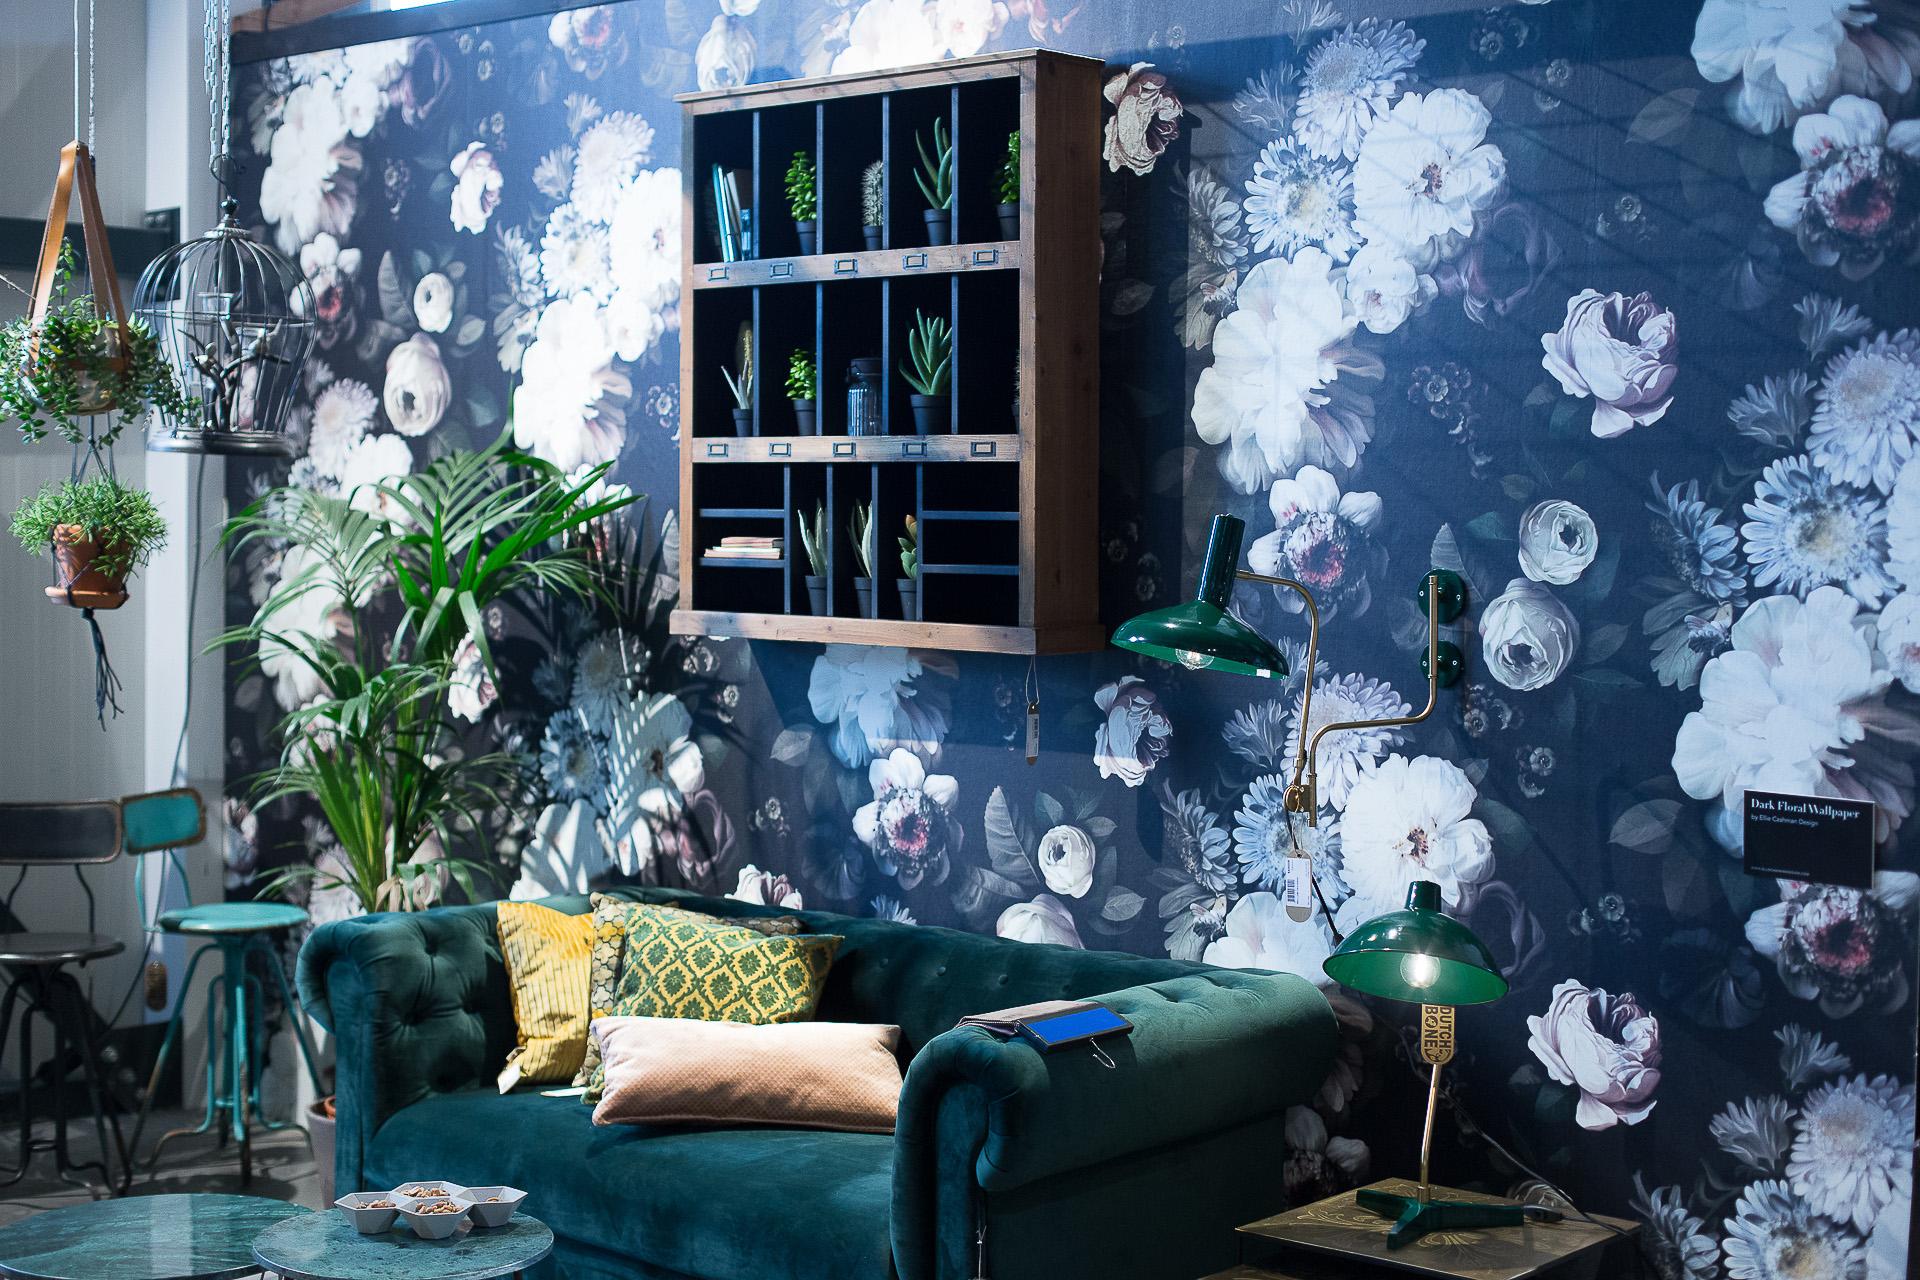 Inneneinrichtung Heidelberg, Mannheim, Stuttgart - Gaffga Interieur Design - Moebel von Zuiver, grünes Sofa vor bunter Blumentapete